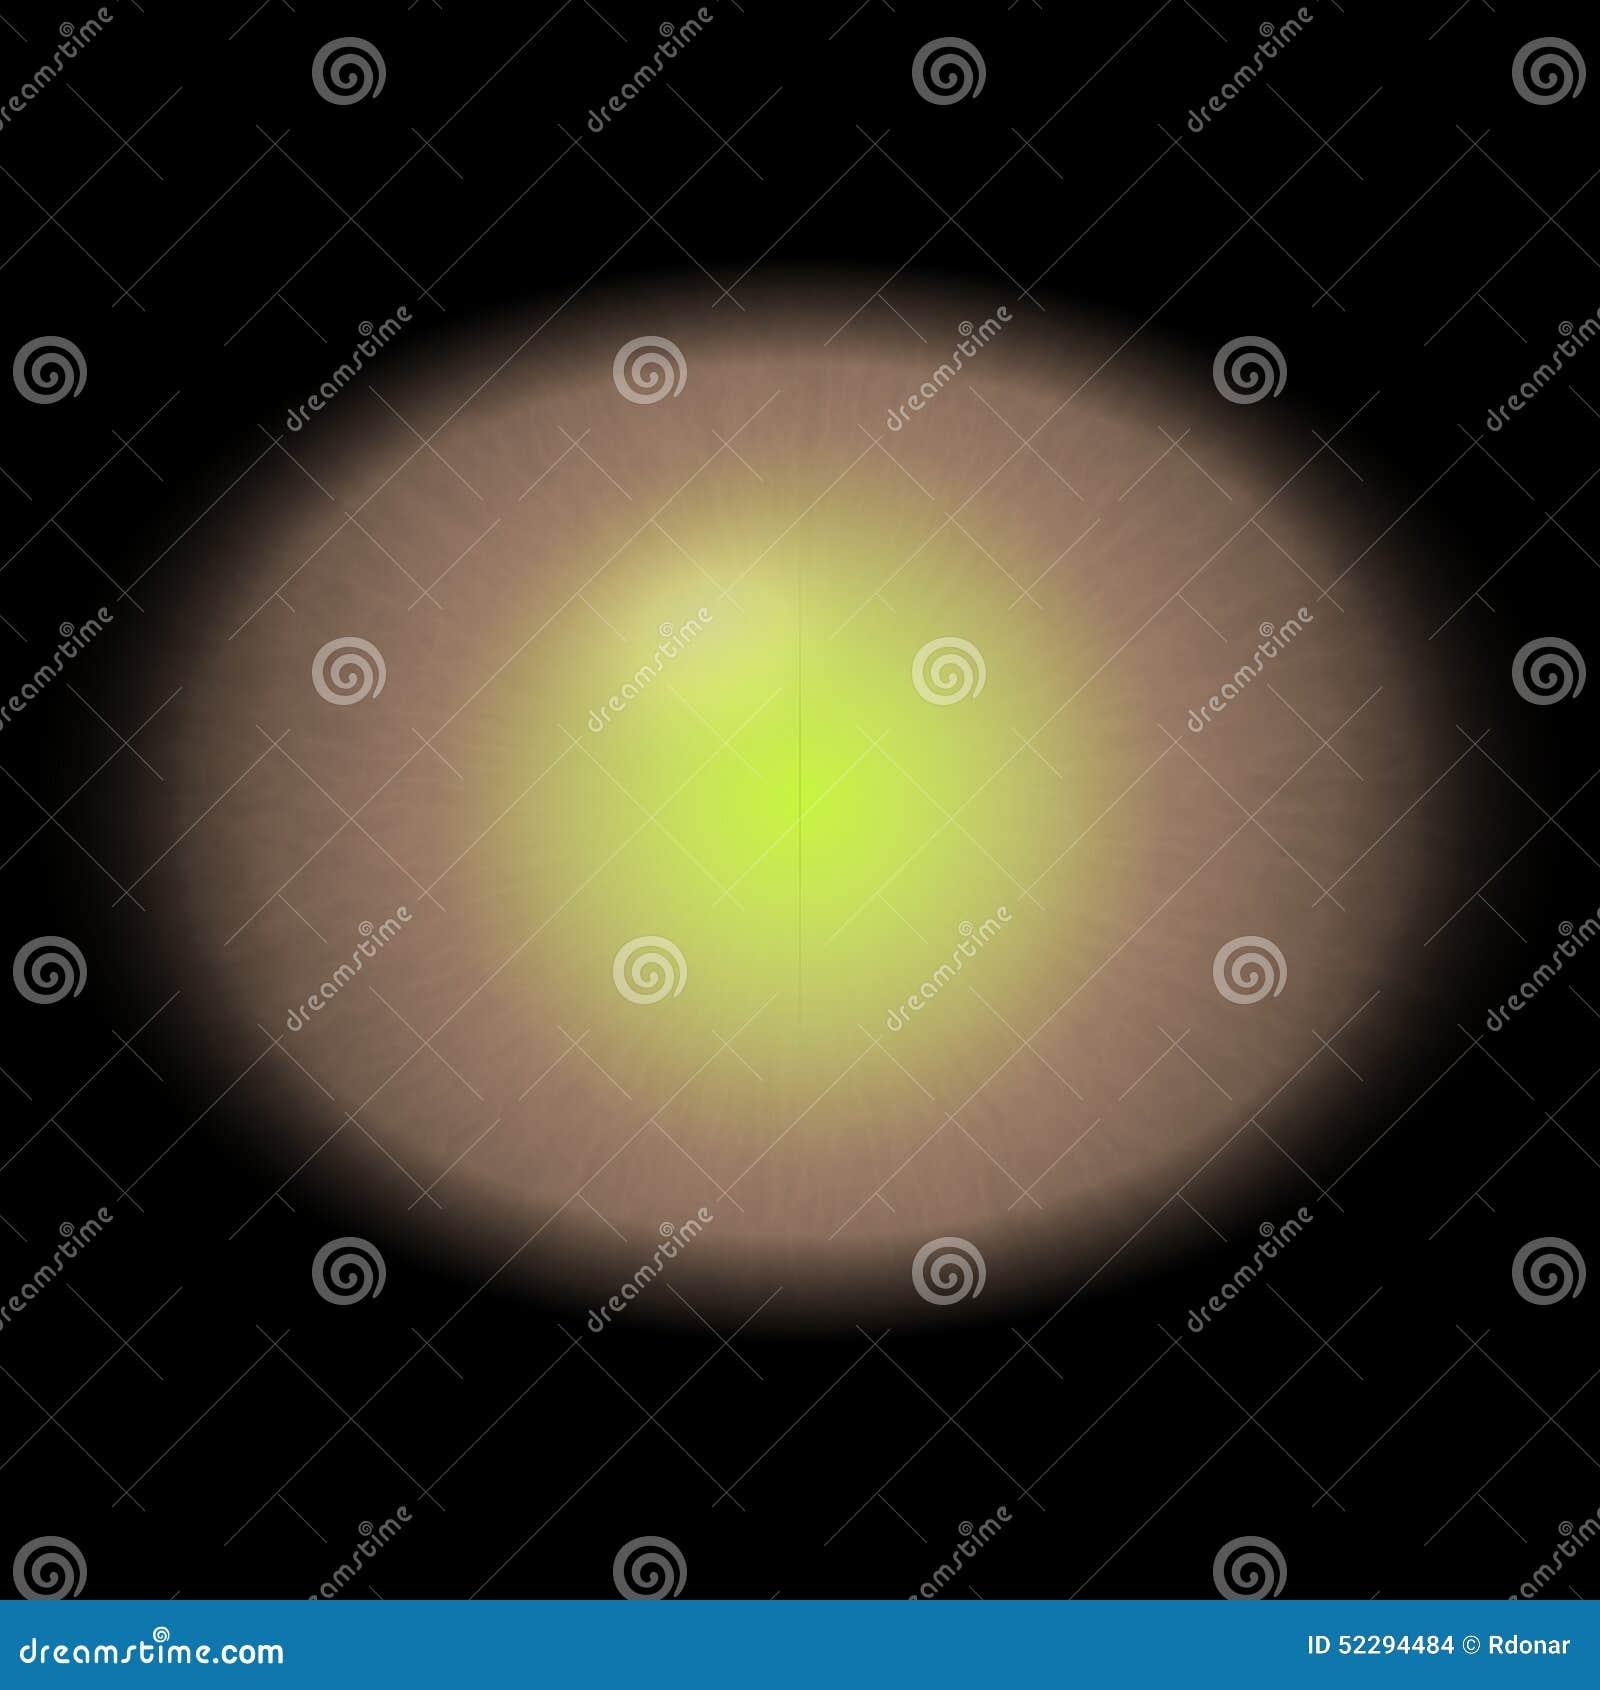 Gouden oog met open leerling en heldere gele retina op achtergrond Donkere kleurrijke iris rond leerling, geïsoleerd oog